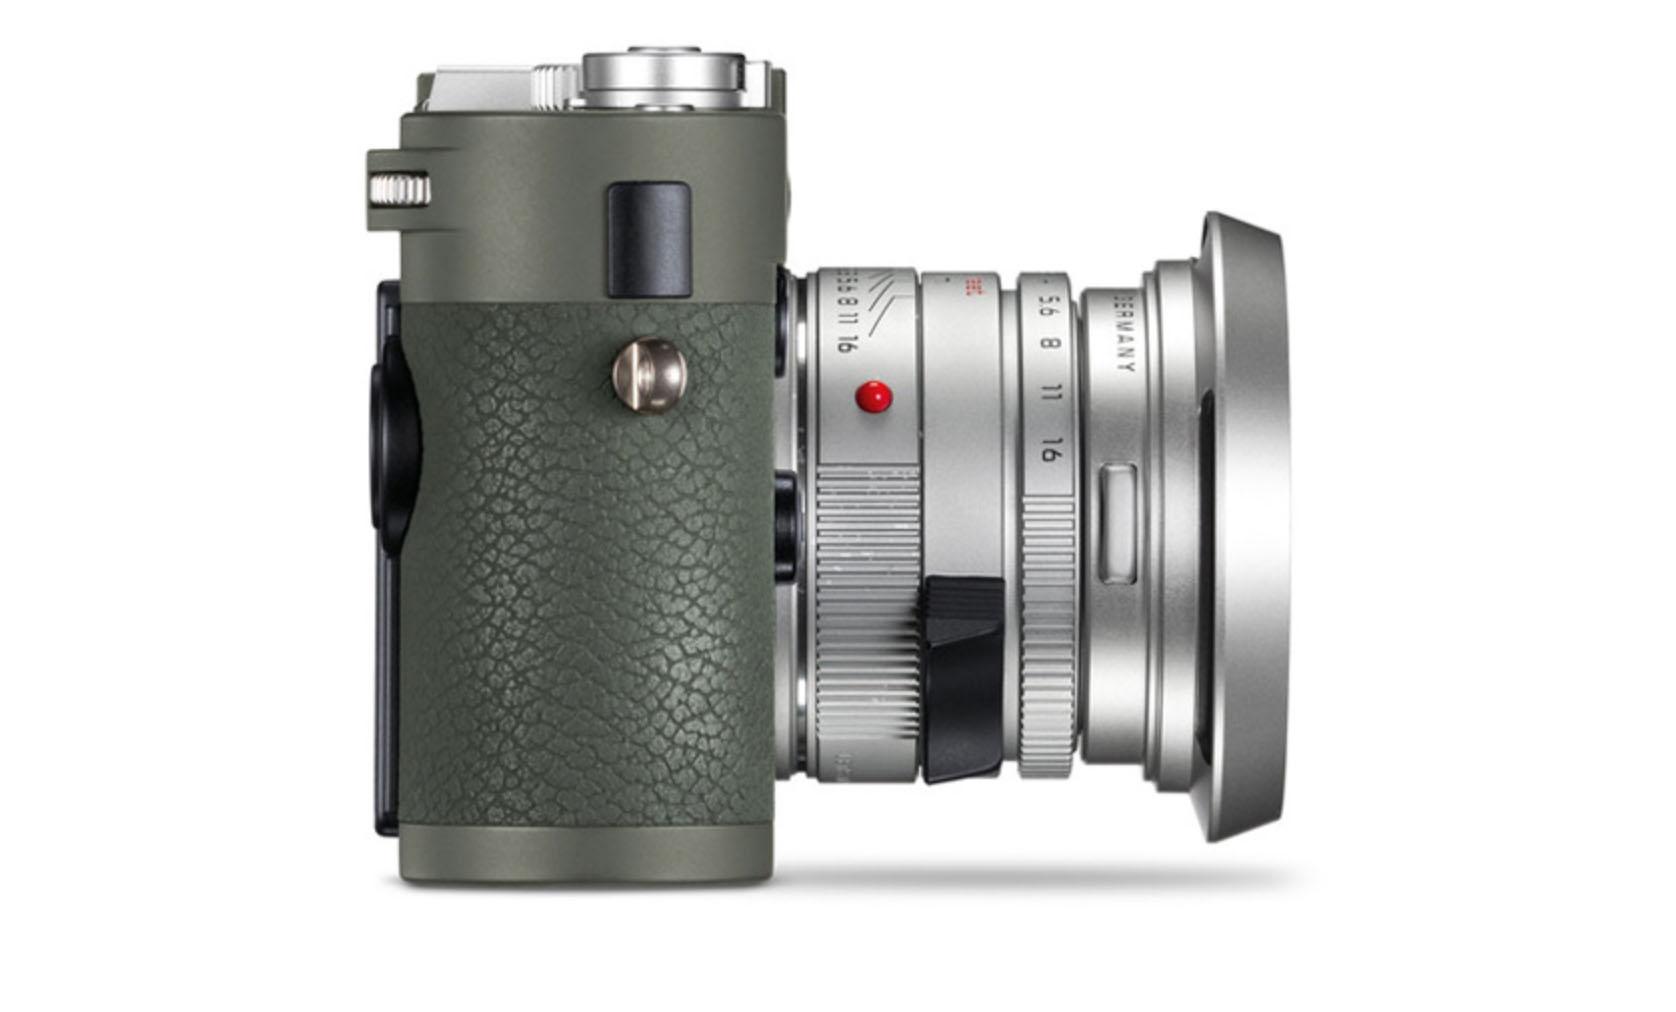 Leica_0002_Layer 4